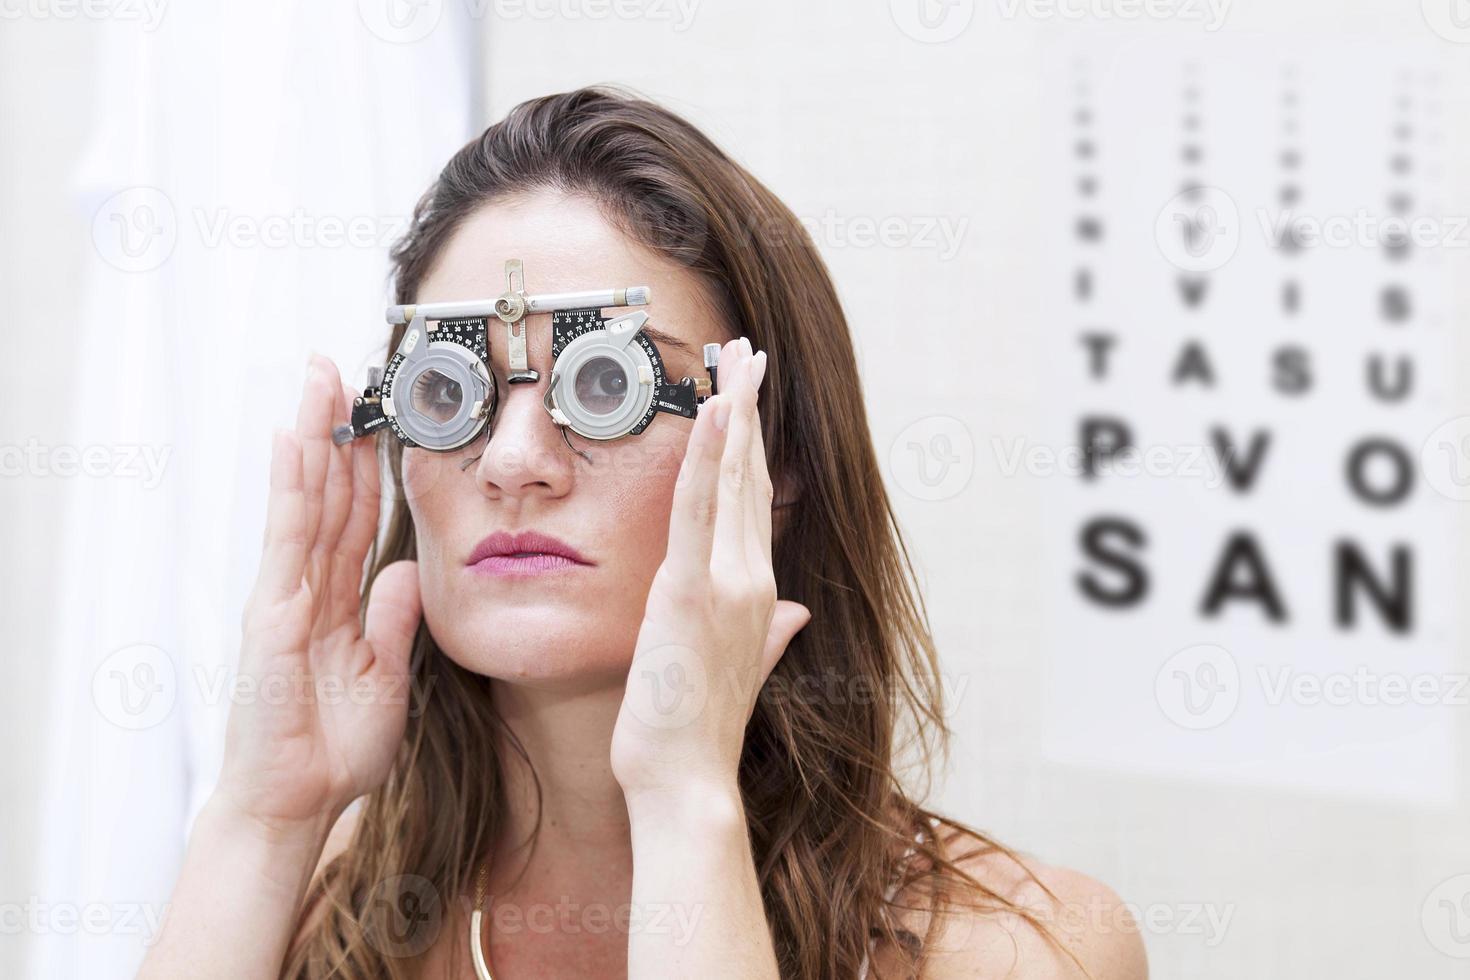 hermosa mujer prueba nuevas lentes auxiliares con foróptero foto